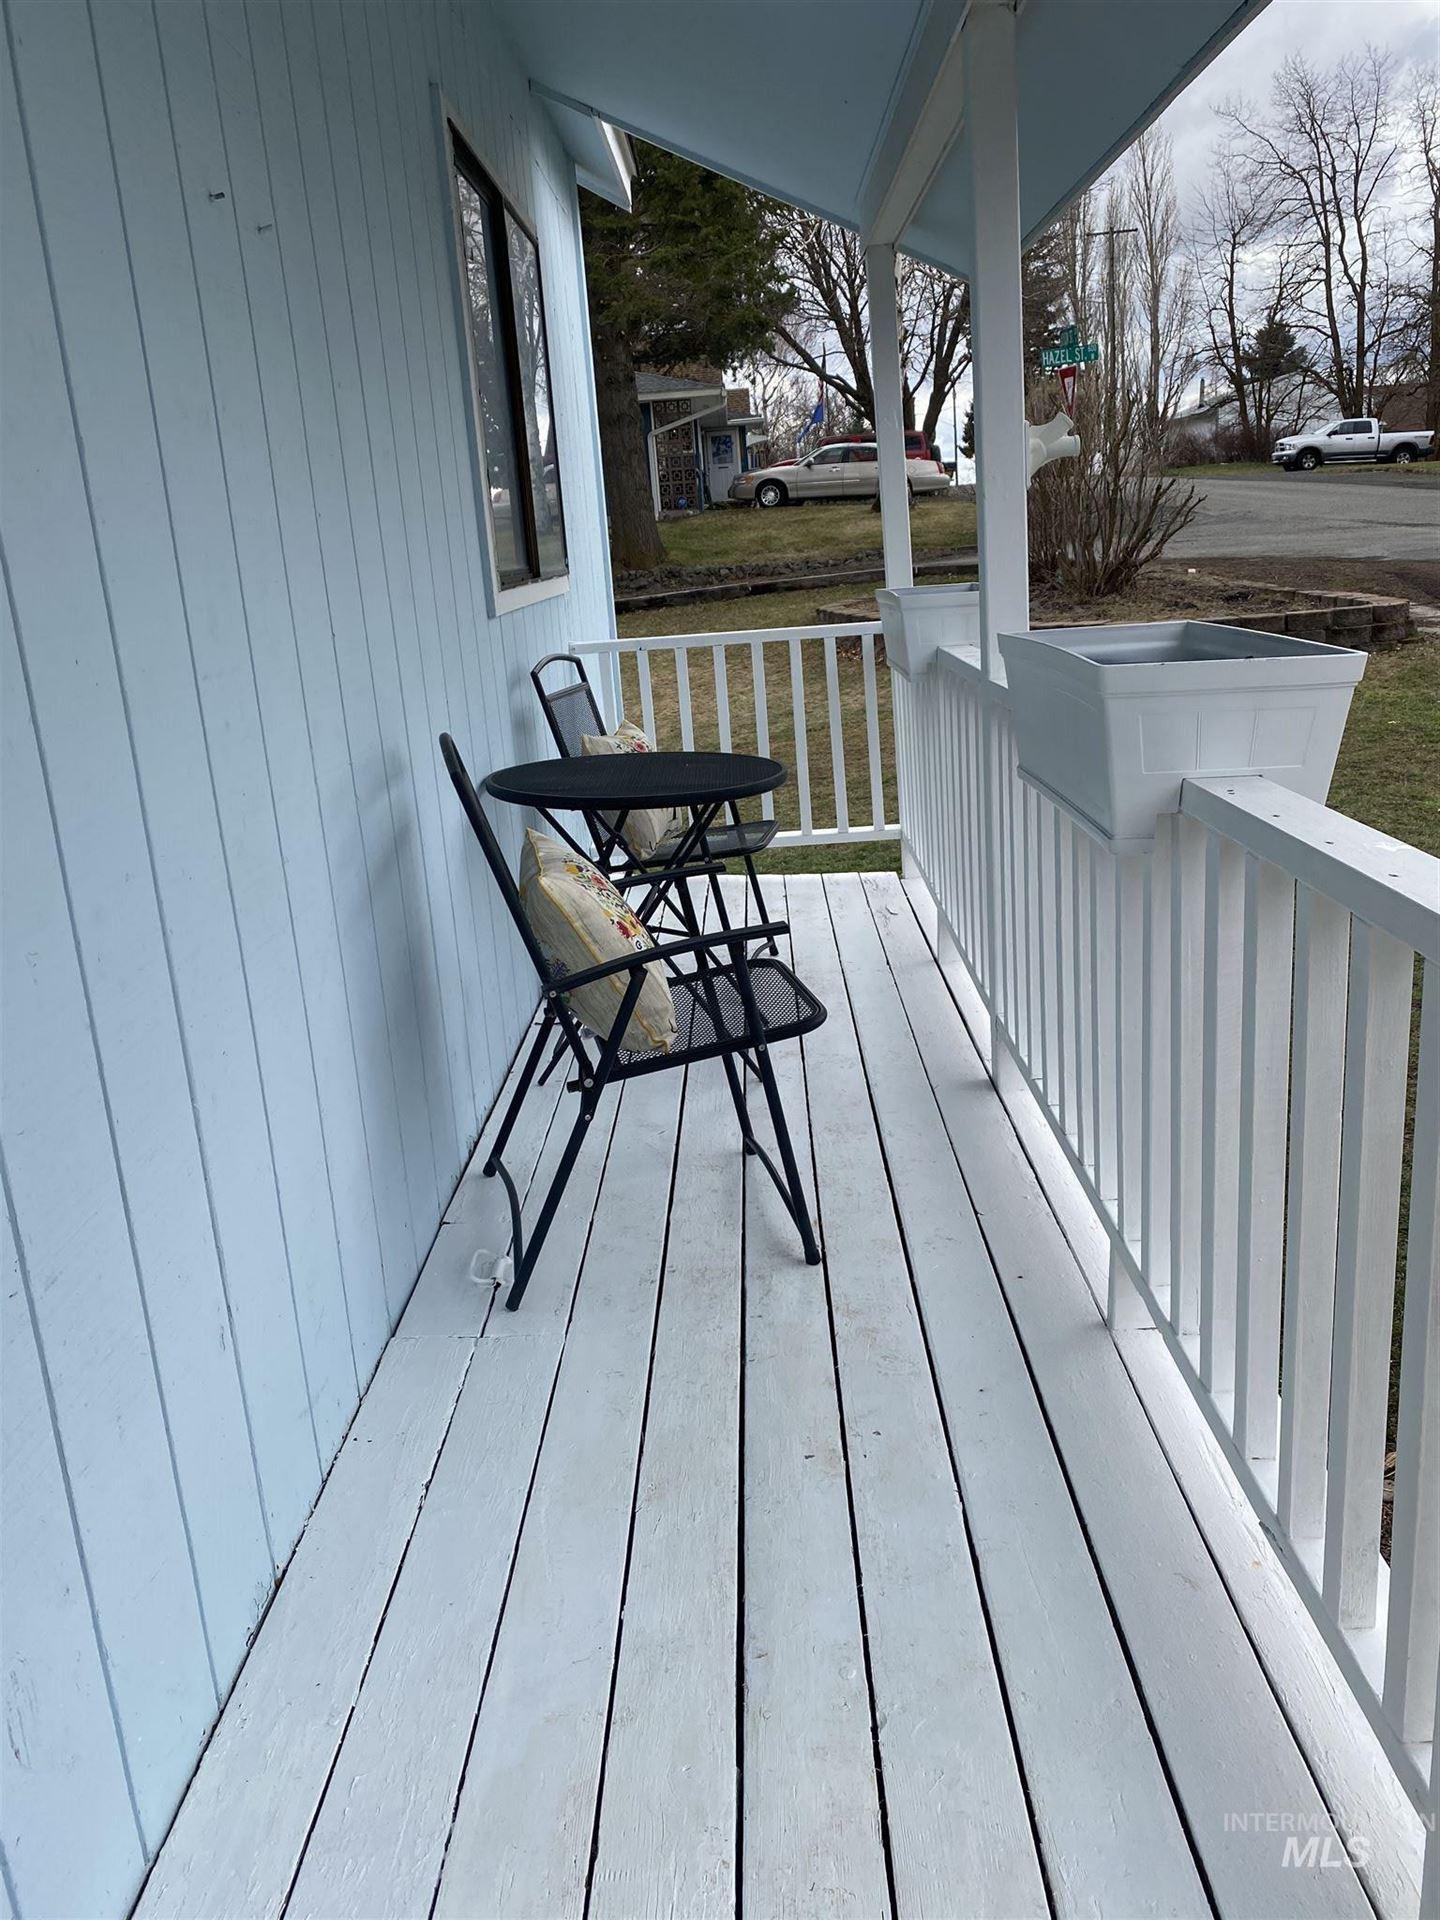 Photo of 314 N Jackson, Genesee, ID 83832 (MLS # 98797371)